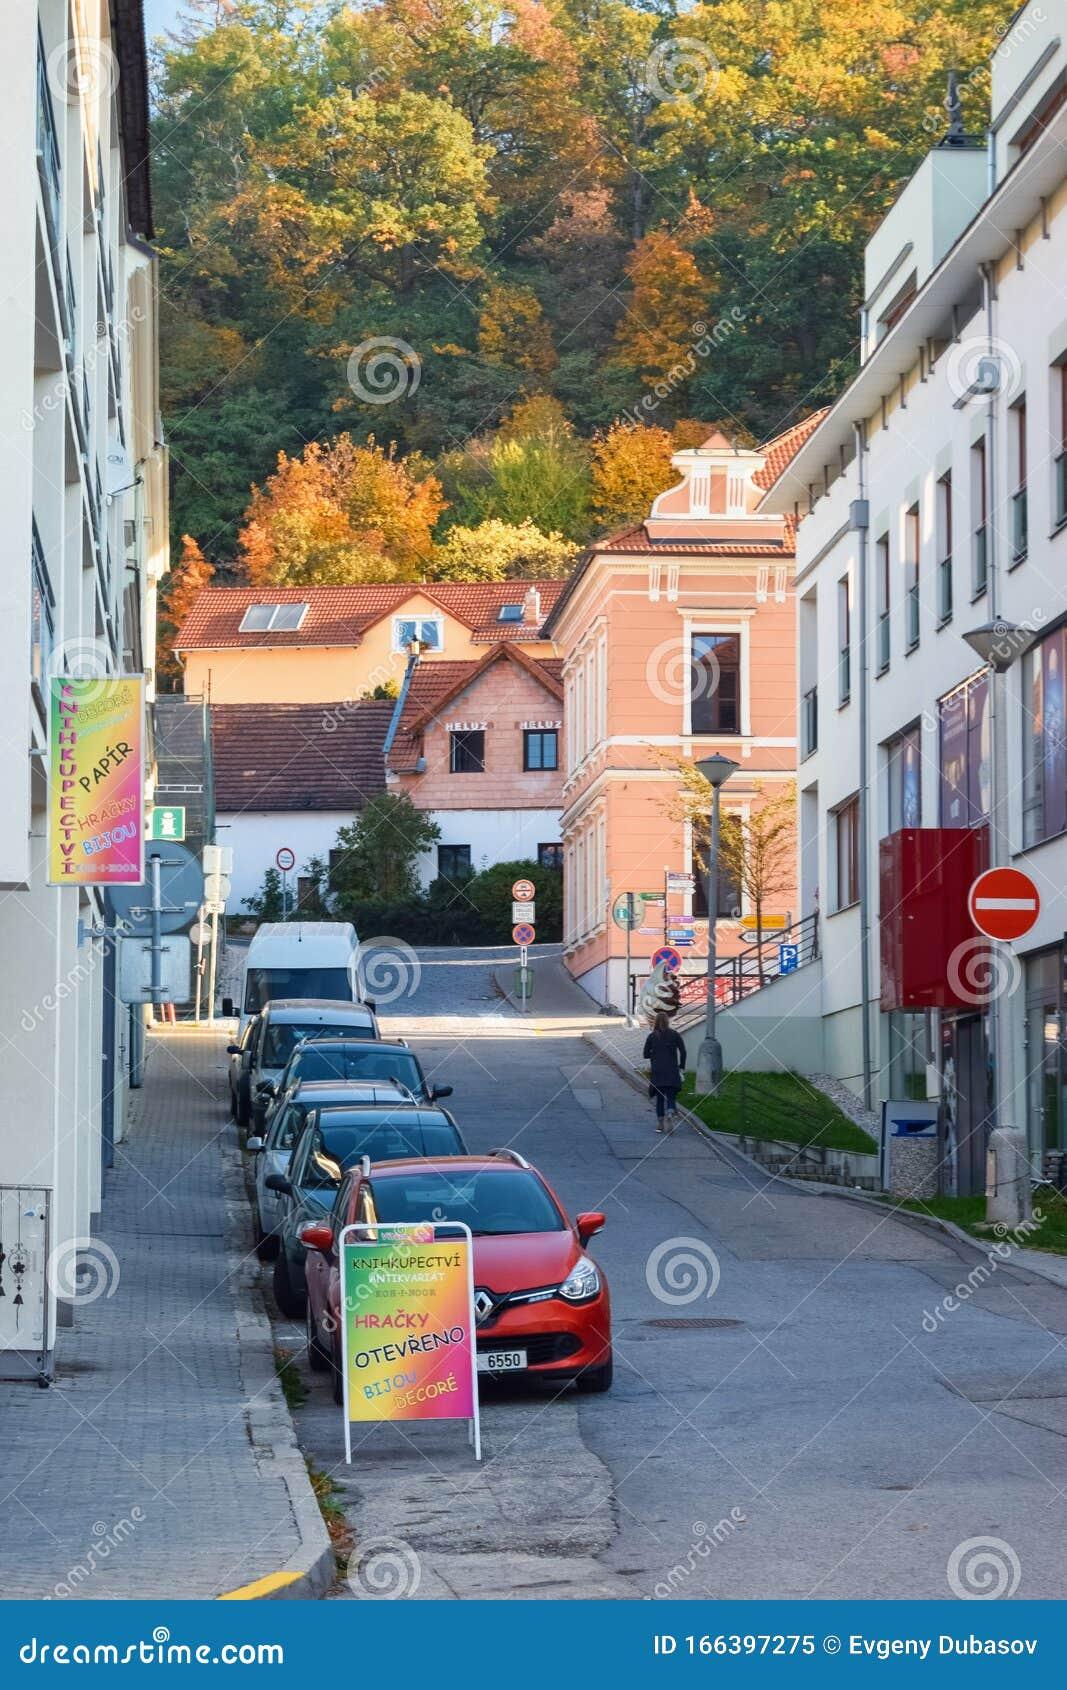 Czechstreet